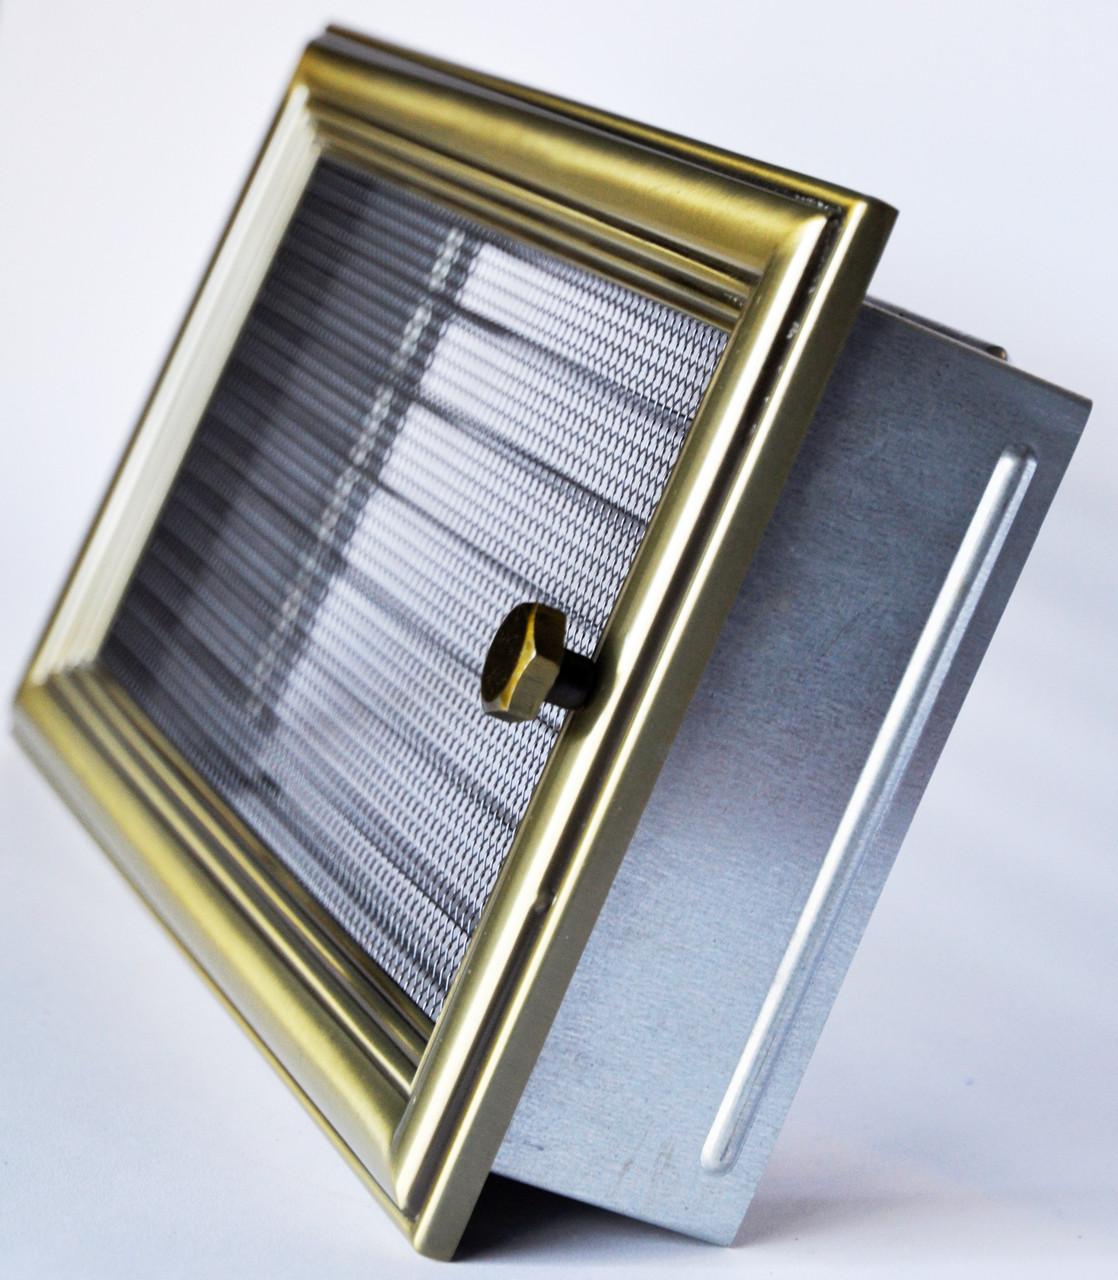 Решетка каминная 17х30 ретро с жалюзи, вентиляционная для камина, декоративная